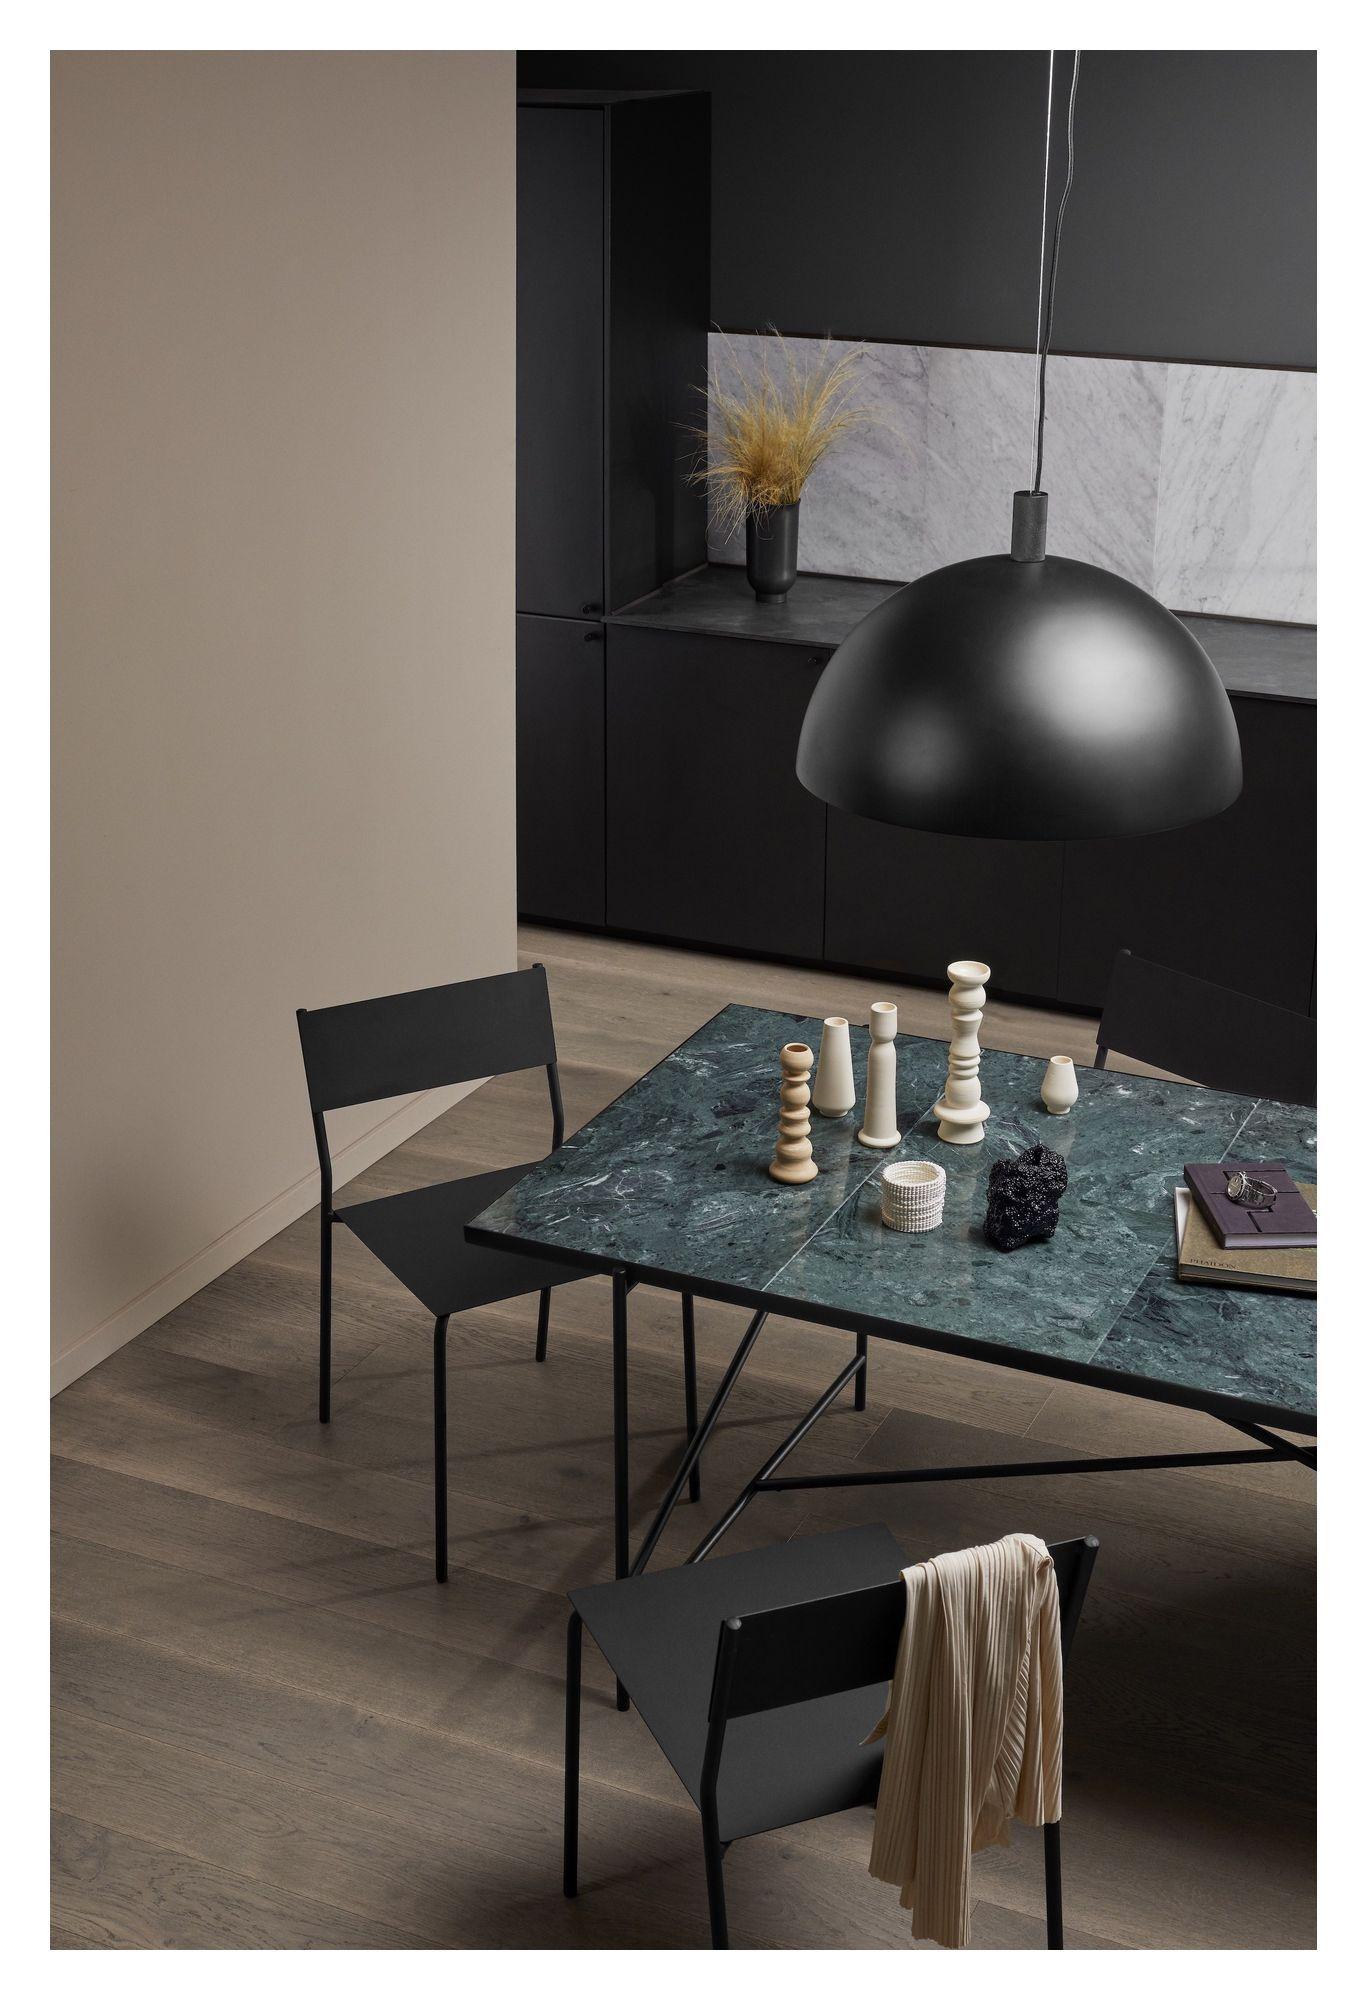 HANDVÄRK Spisebord 184x96 - Grøn Marmor, sort stel - Spisebord med grøn marmor